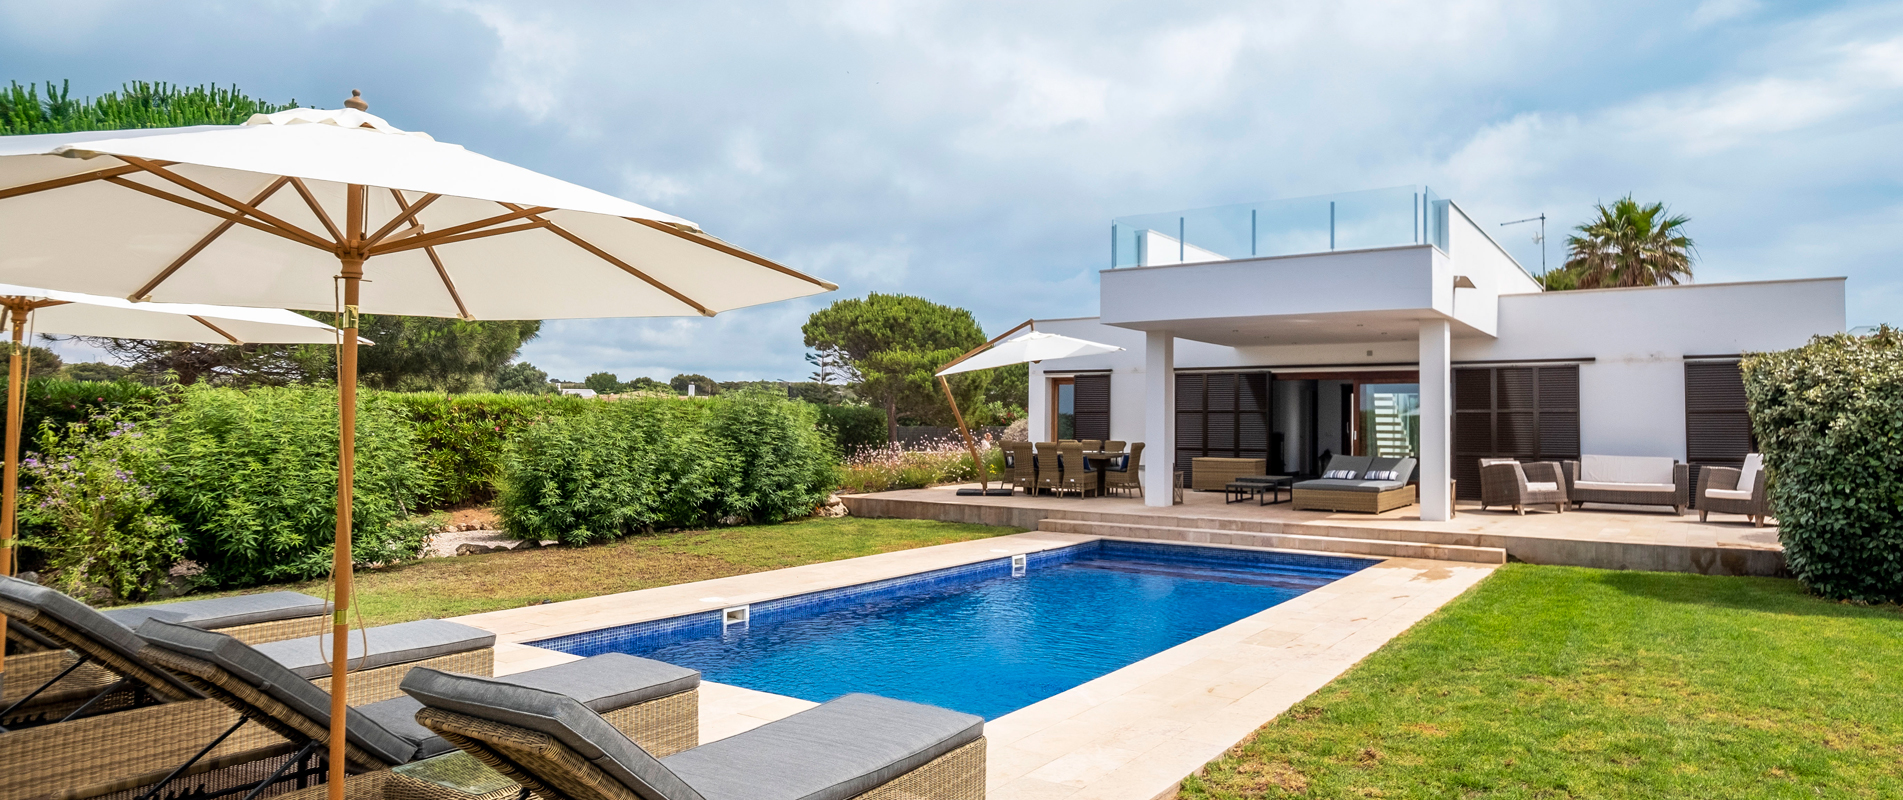 Le migliori ville sulla spiaggia a Minorca